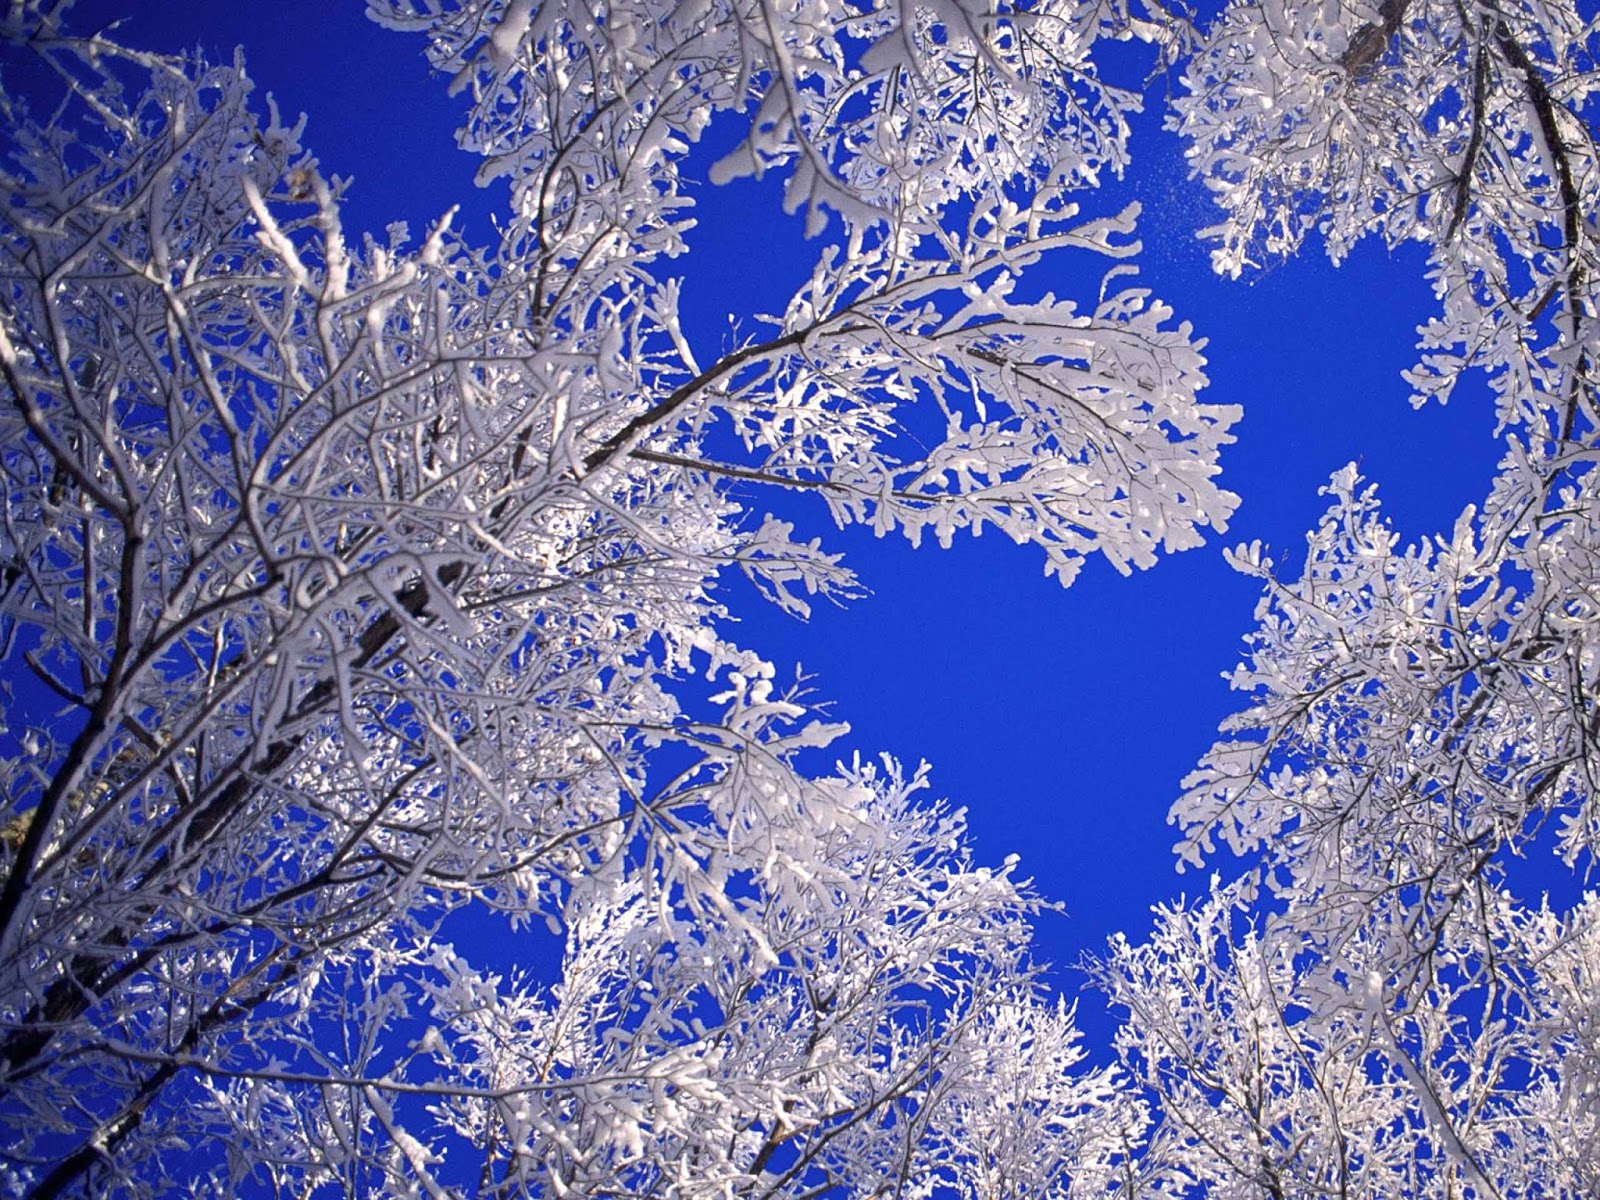 Mac 3d Wallpapers Free Download Hd Wallpapers Winter Scenes For Desktop